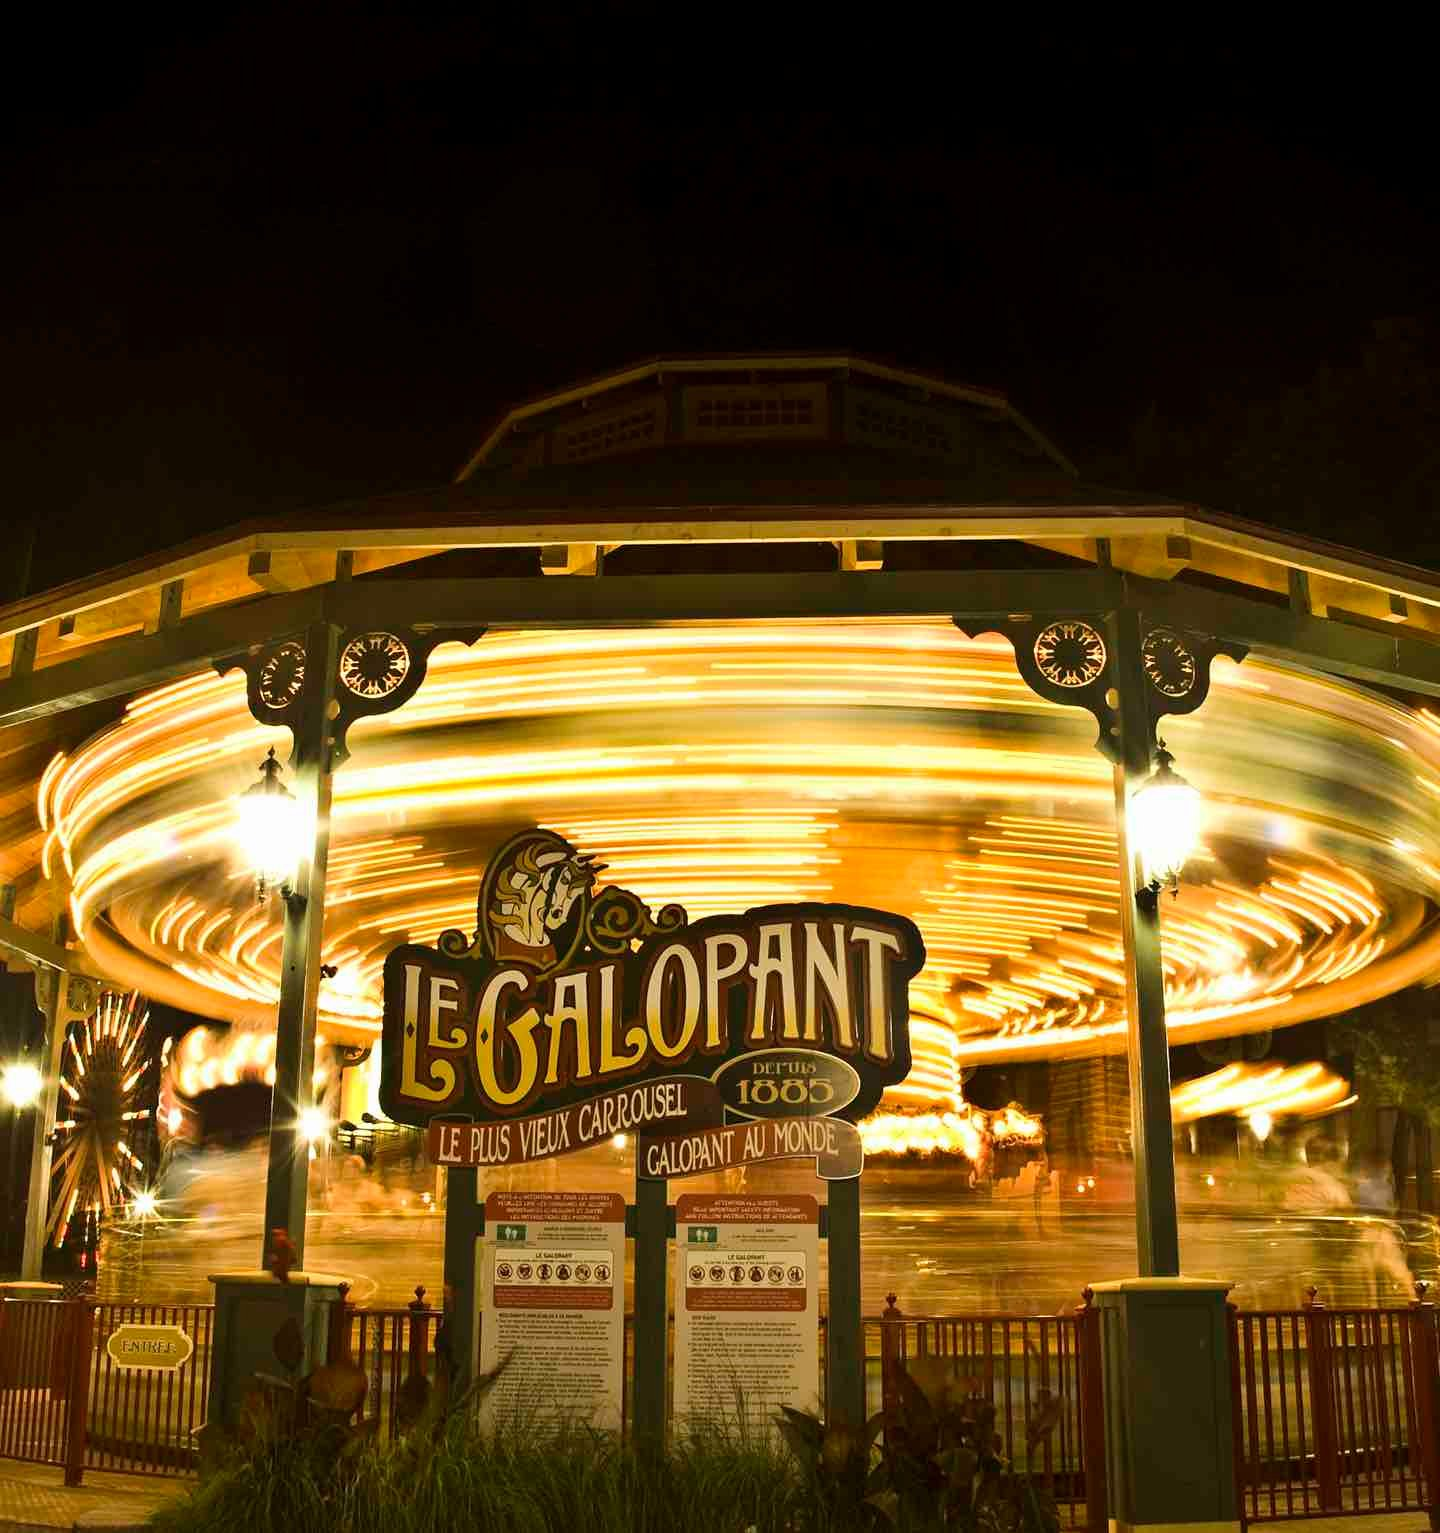 Galopant lit up at night at La Ronde